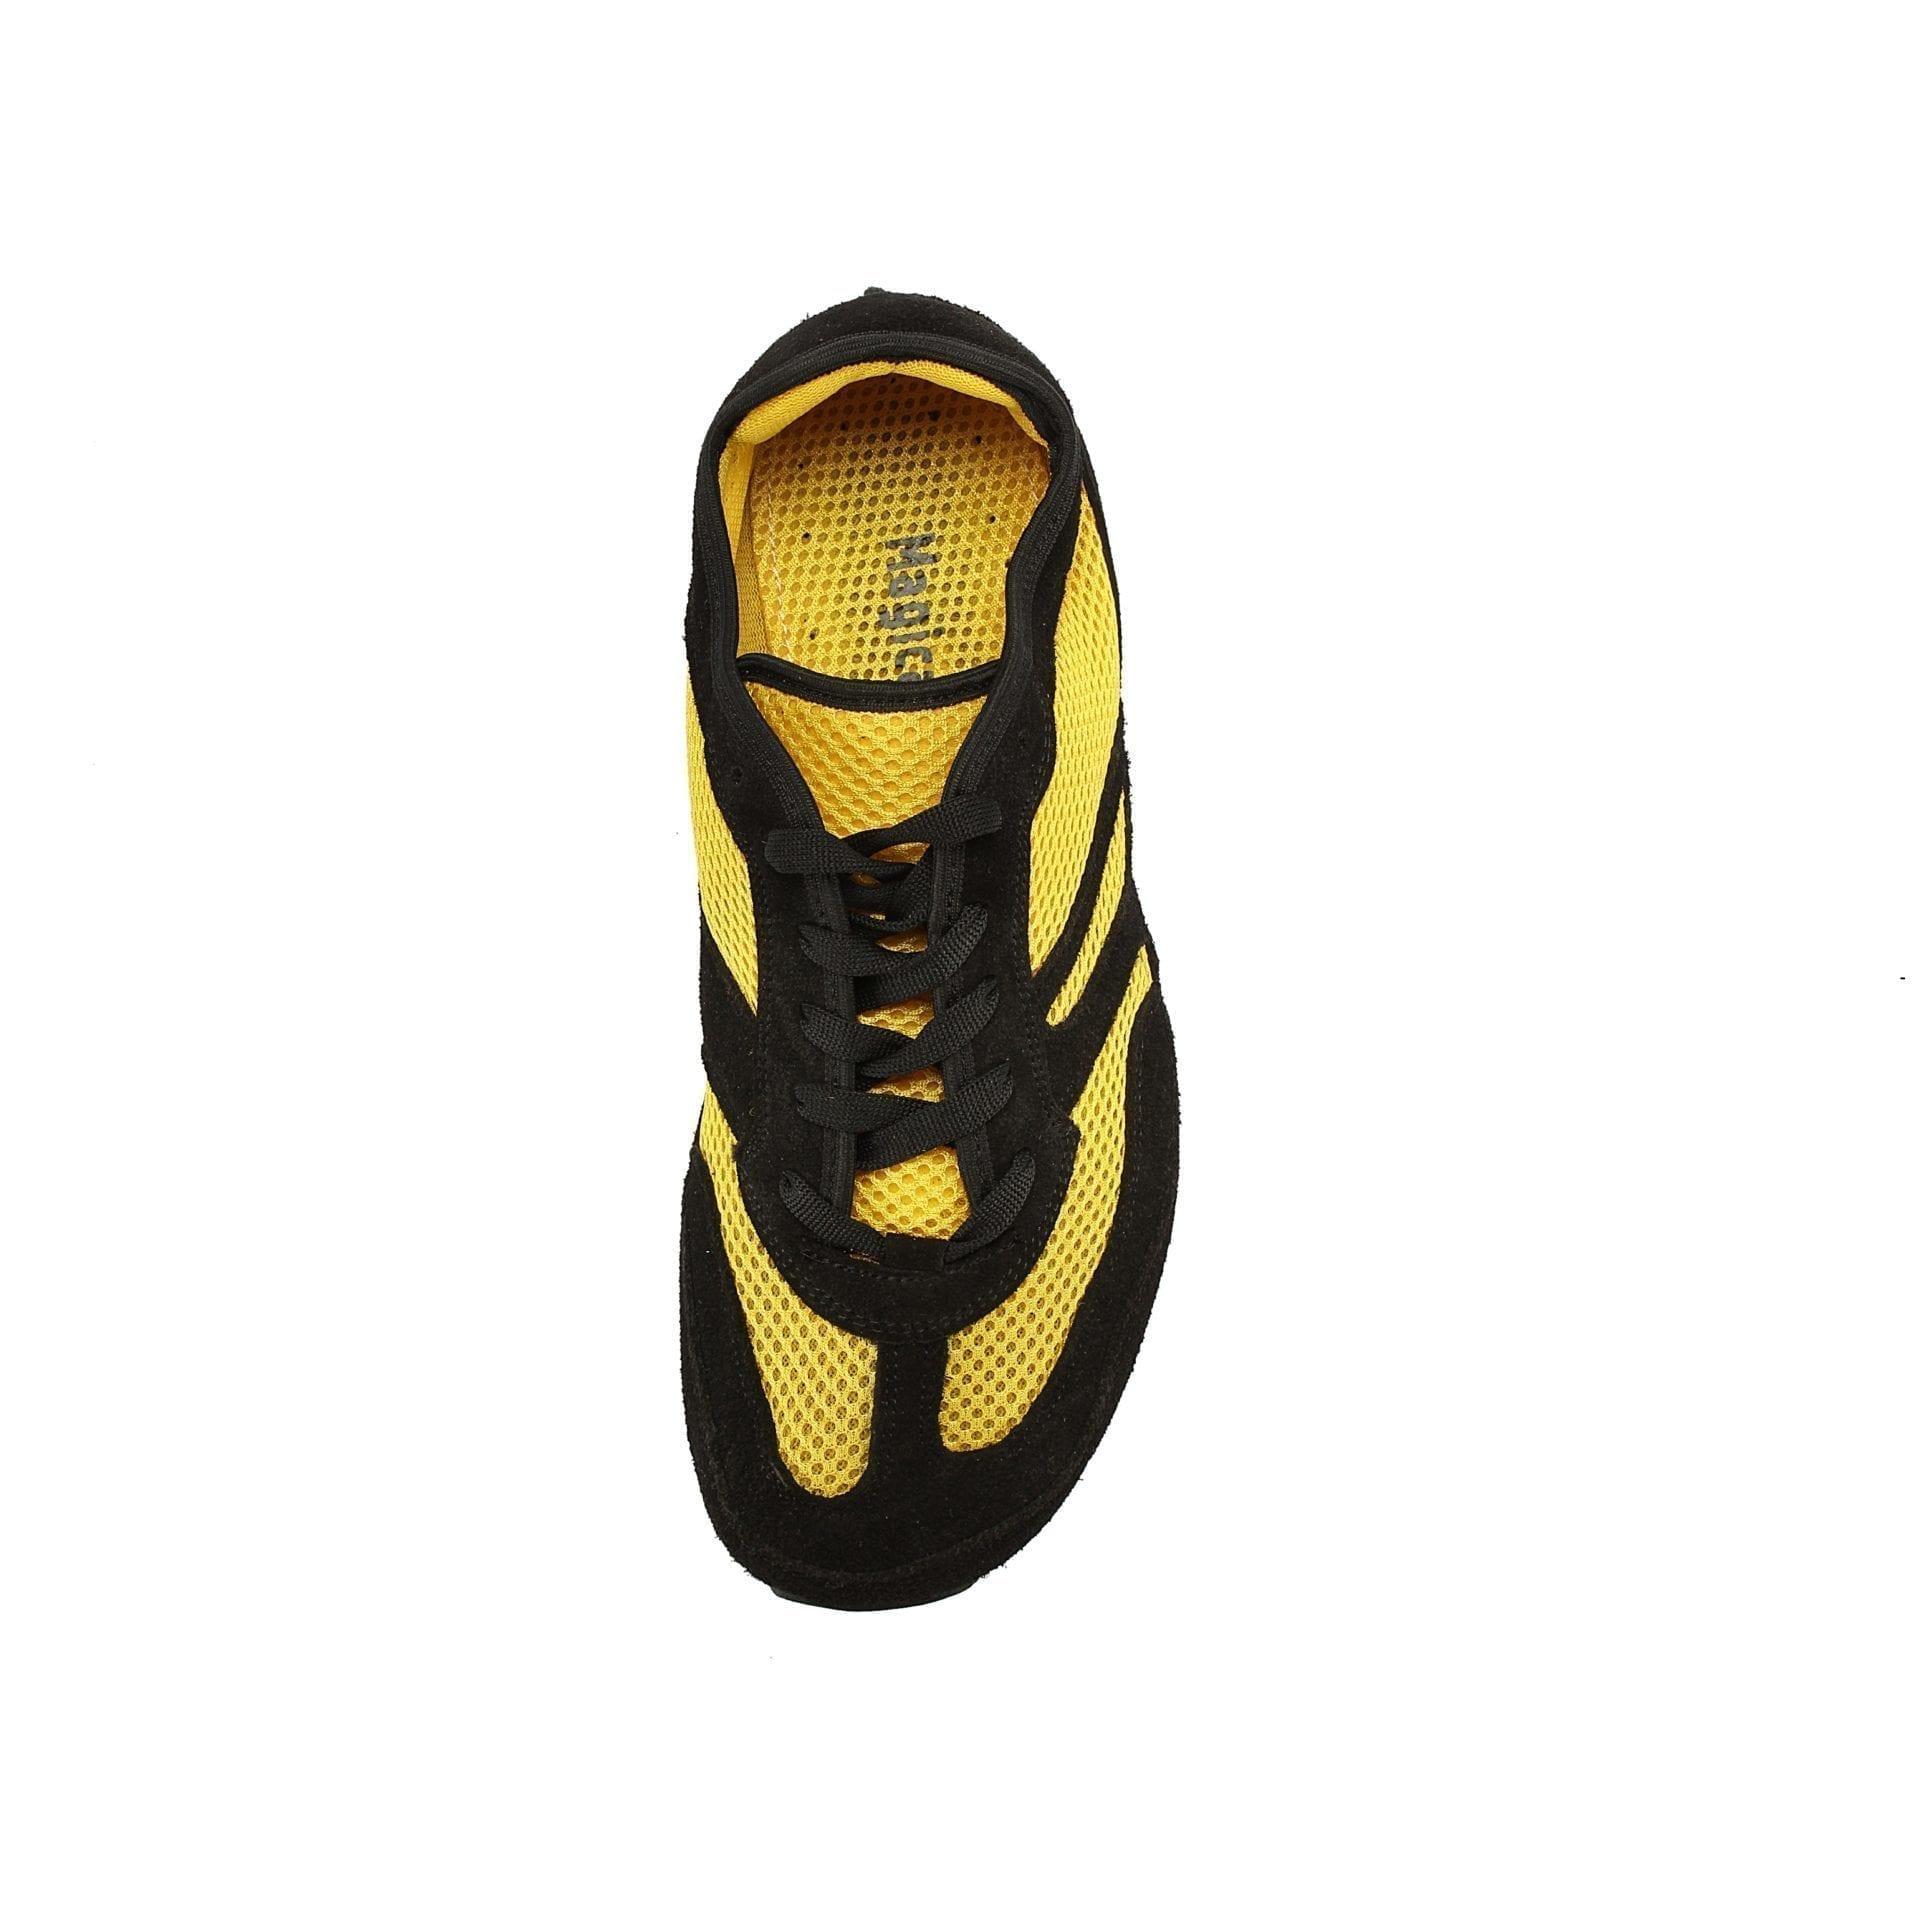 Barfußschuh-Hersteller Magical Shoes Explorer Lemon Splash  Barfußschuhe für natürliches und gesund des Gehen & Laufen  breite Zehenbox